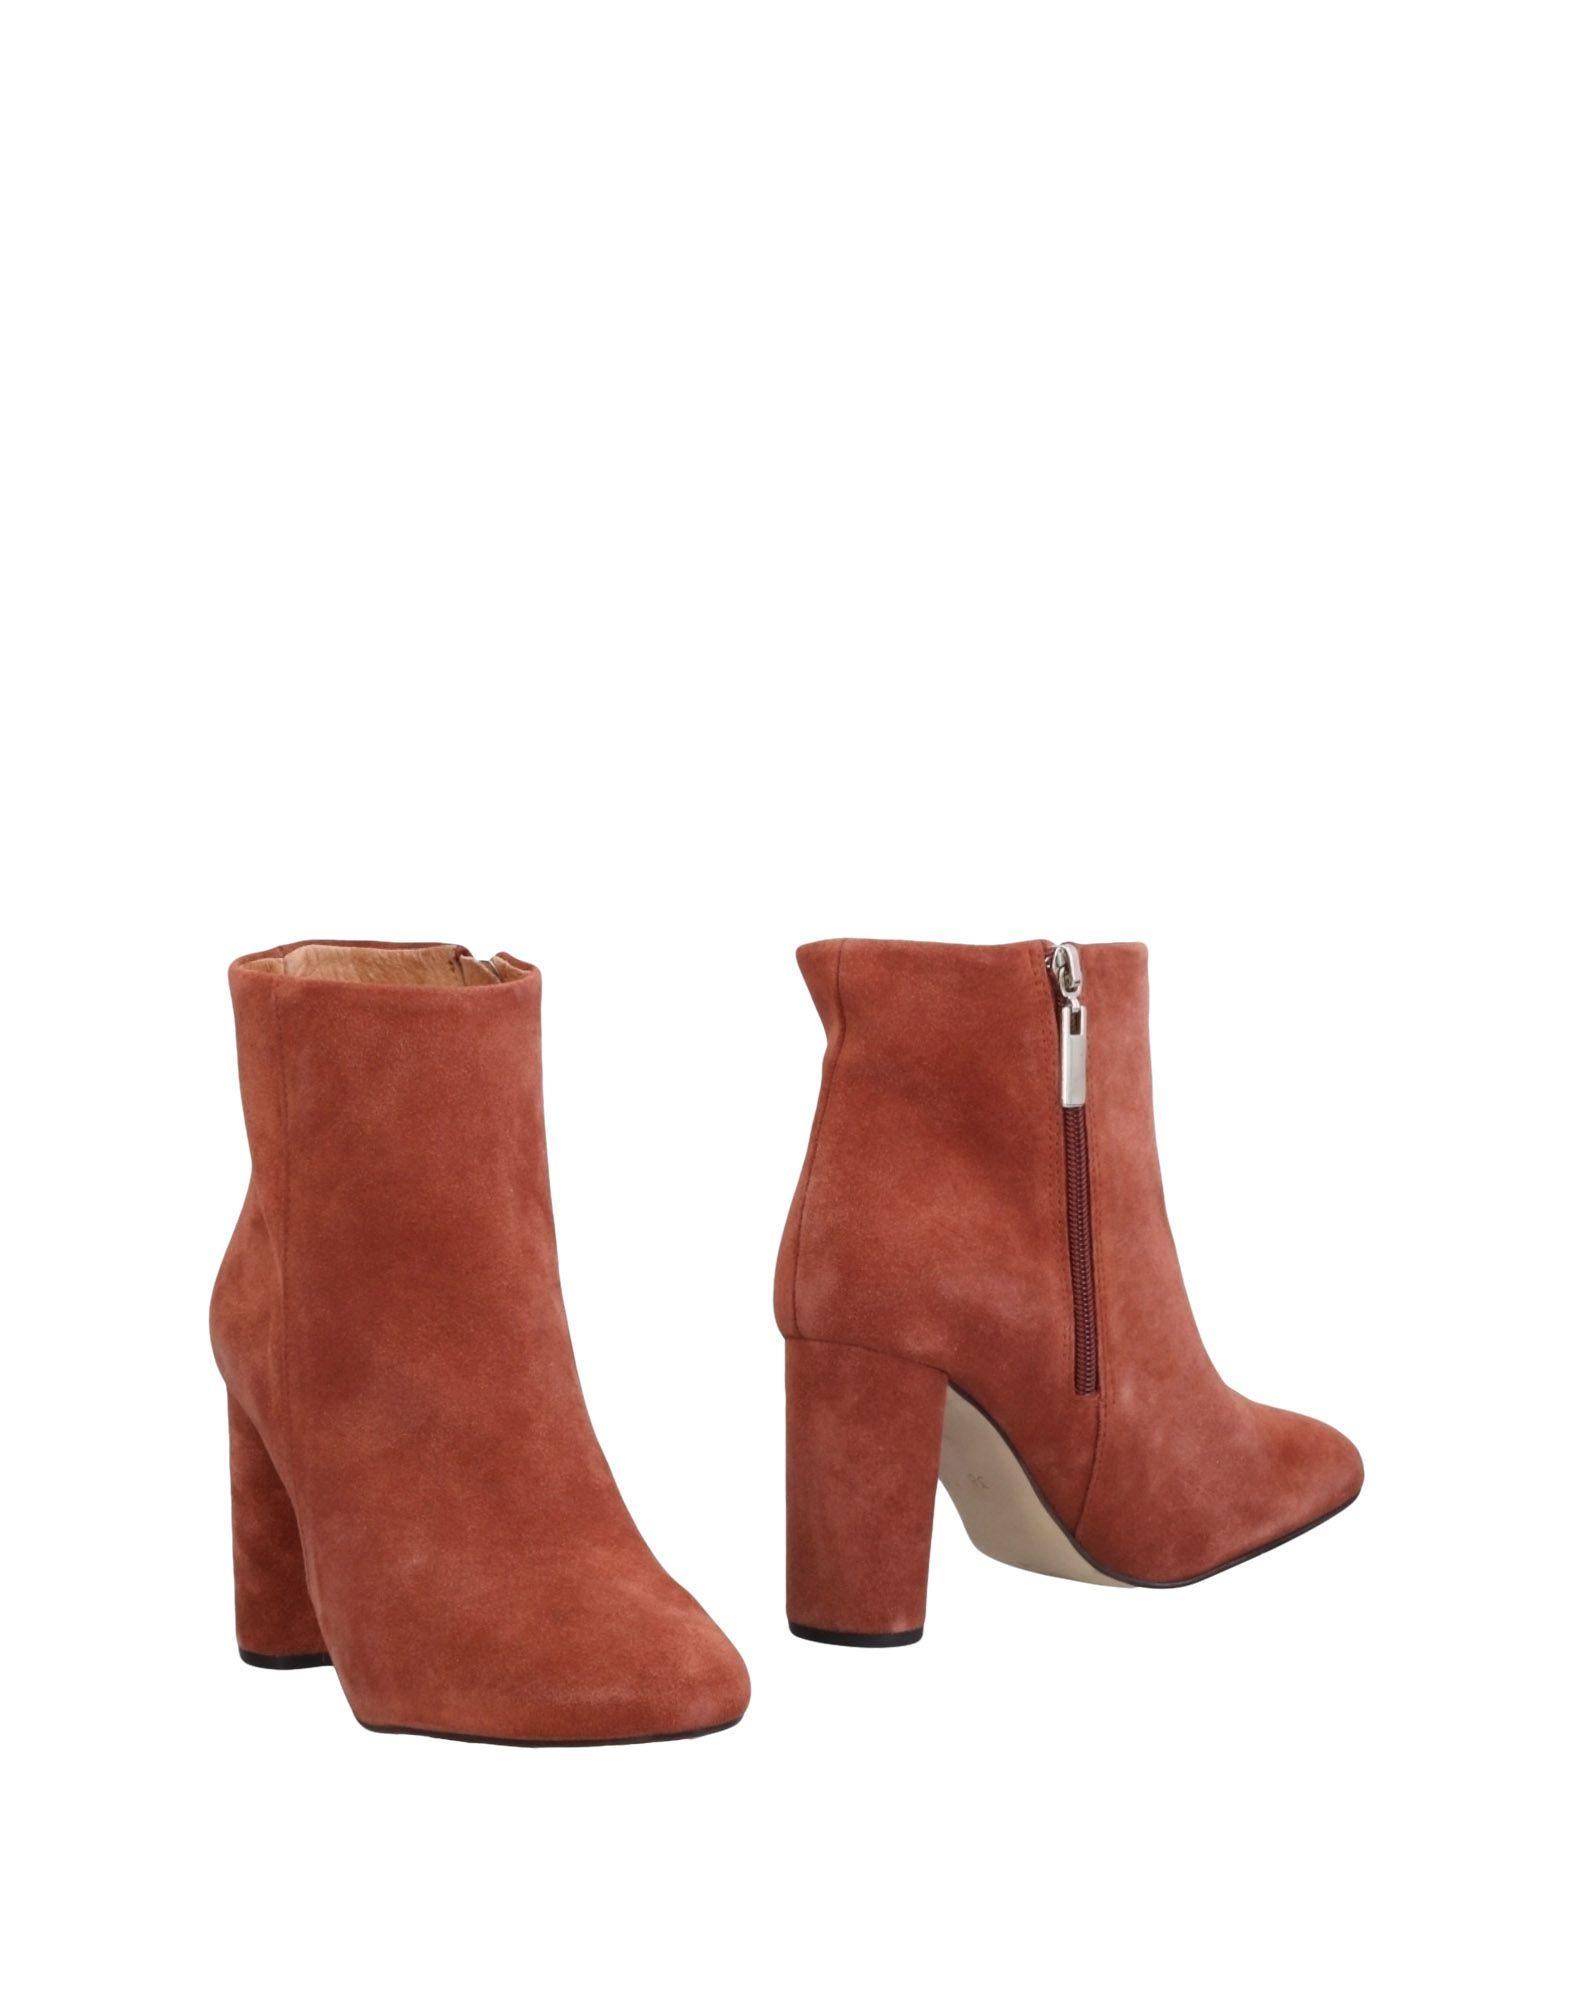 Sacha Stiefelette Damen  11458762ND Gute Qualität beliebte Schuhe